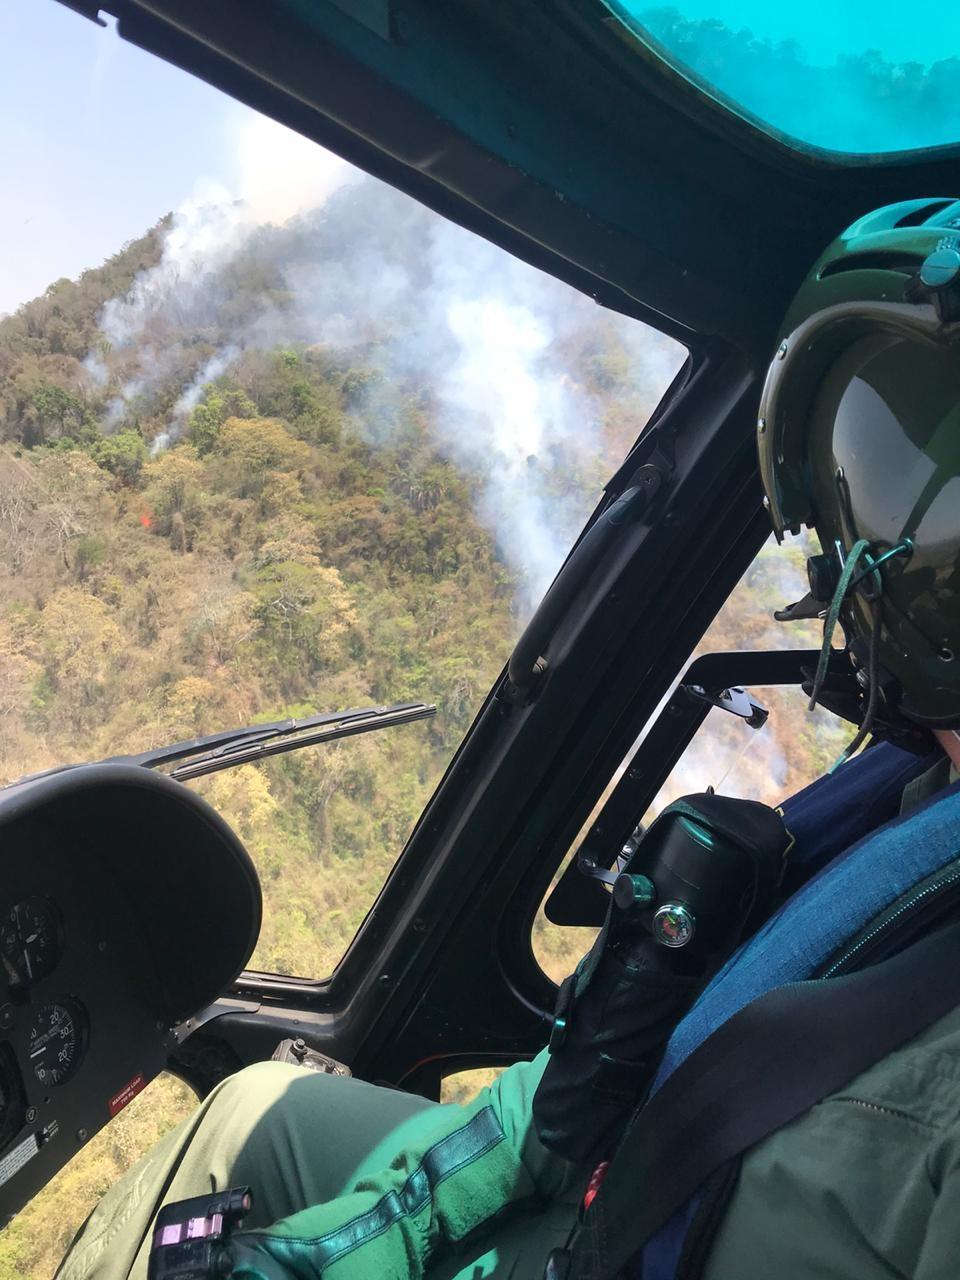 Incêndio em serra chega a seis dias com cinco focos; equipe de Bauru reforça combate - Notícias - Plantão Diário